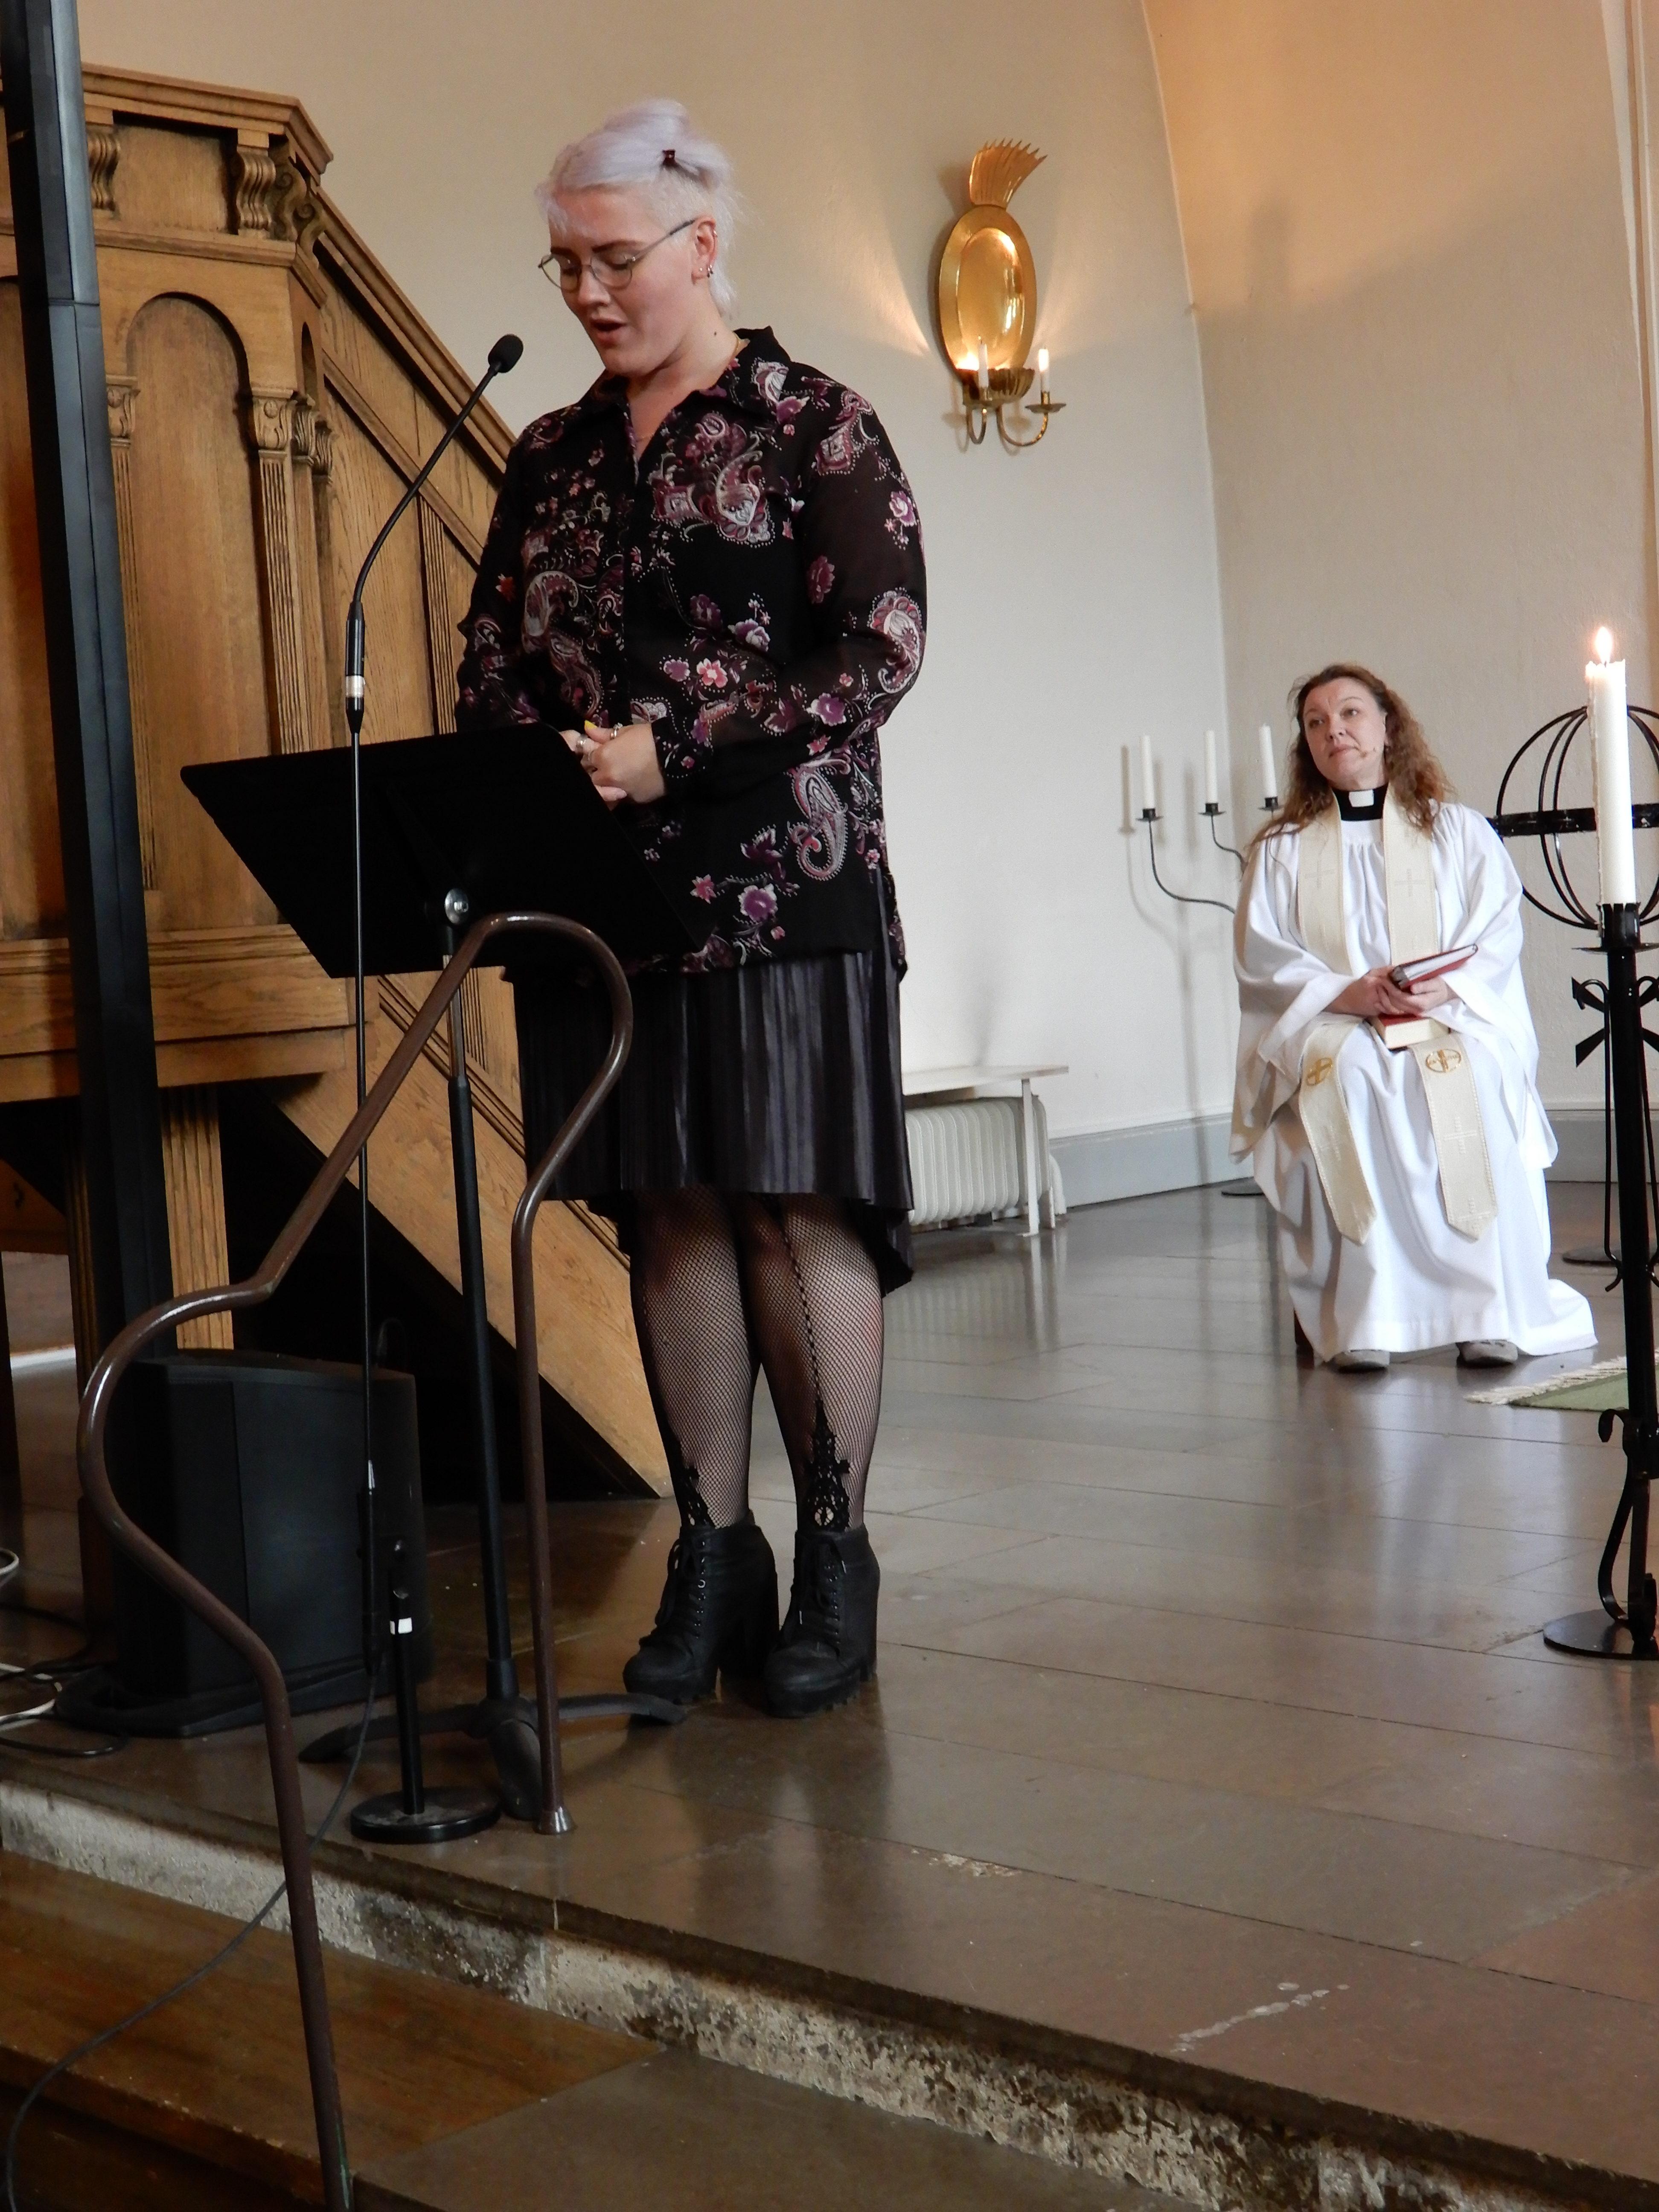 dc277b0a15e9 Josephine, Isabell och jag har valt musik av bröderna Gärdestad, Marie  Fredriksson och Tommy Nilsson. Isabell sjunger Amazing Grace. Allt är i sin  enkelhet ...